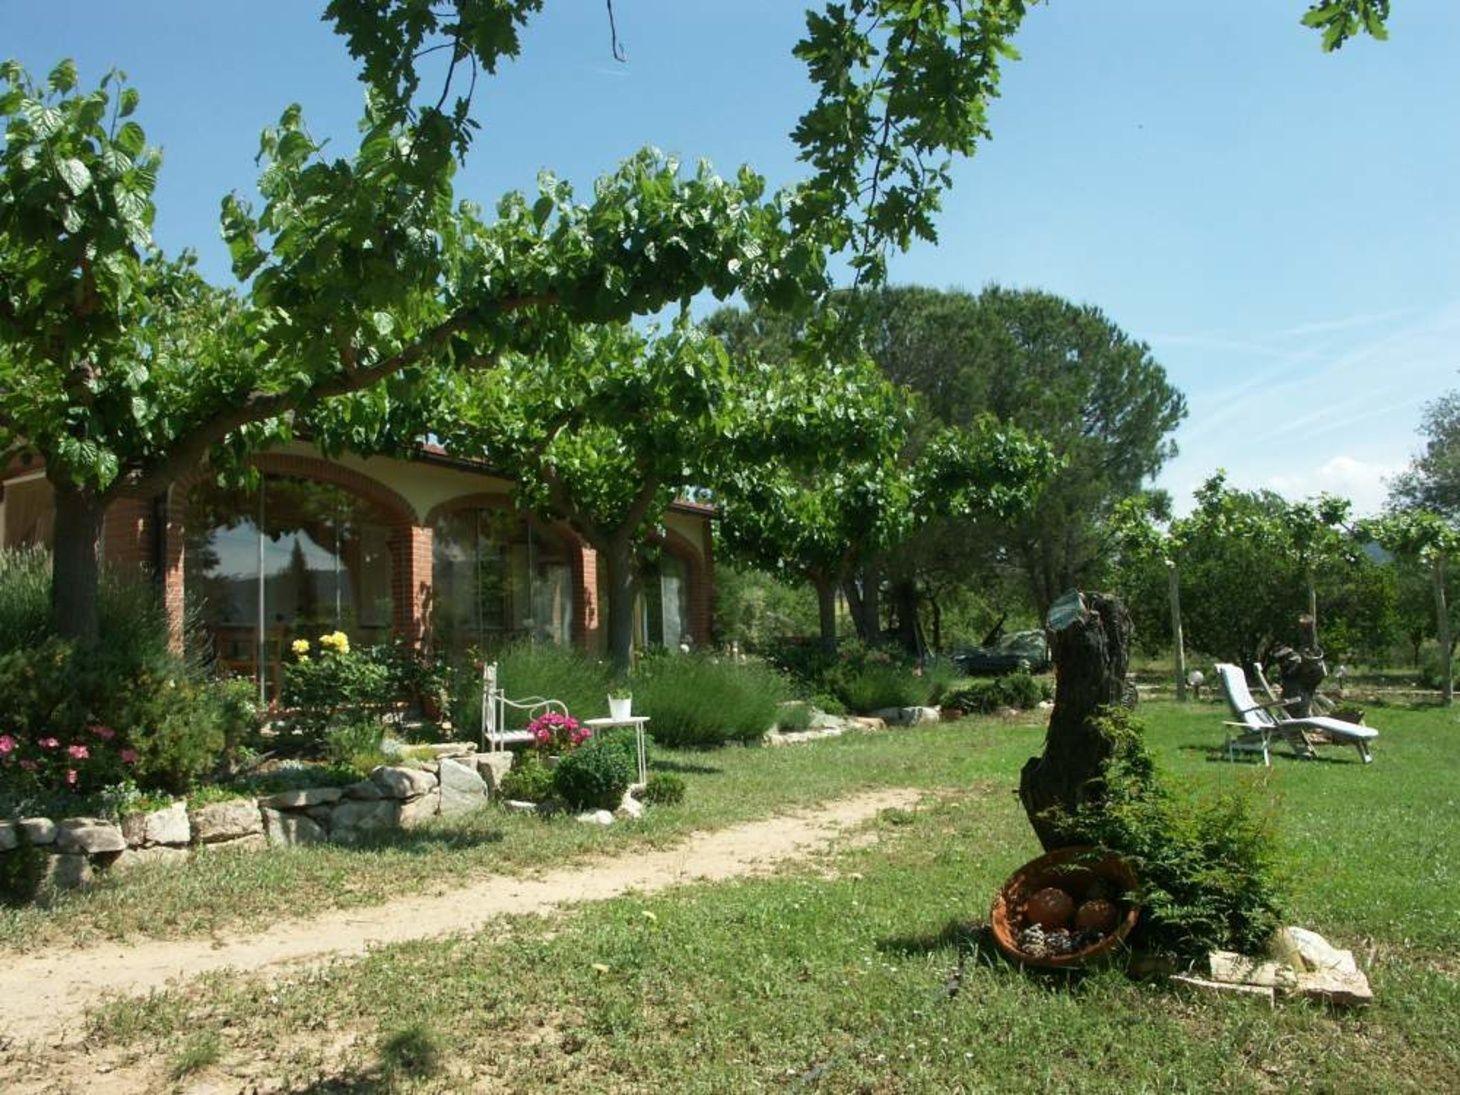 Spanien Katalonien Immobilie In Falset Rosen Finca Zu Verkaufen Kaufpreis Nur 250 000 Euro Spanien Falset Immobilie Rosen F Outdoor Decor Outdoor Patio